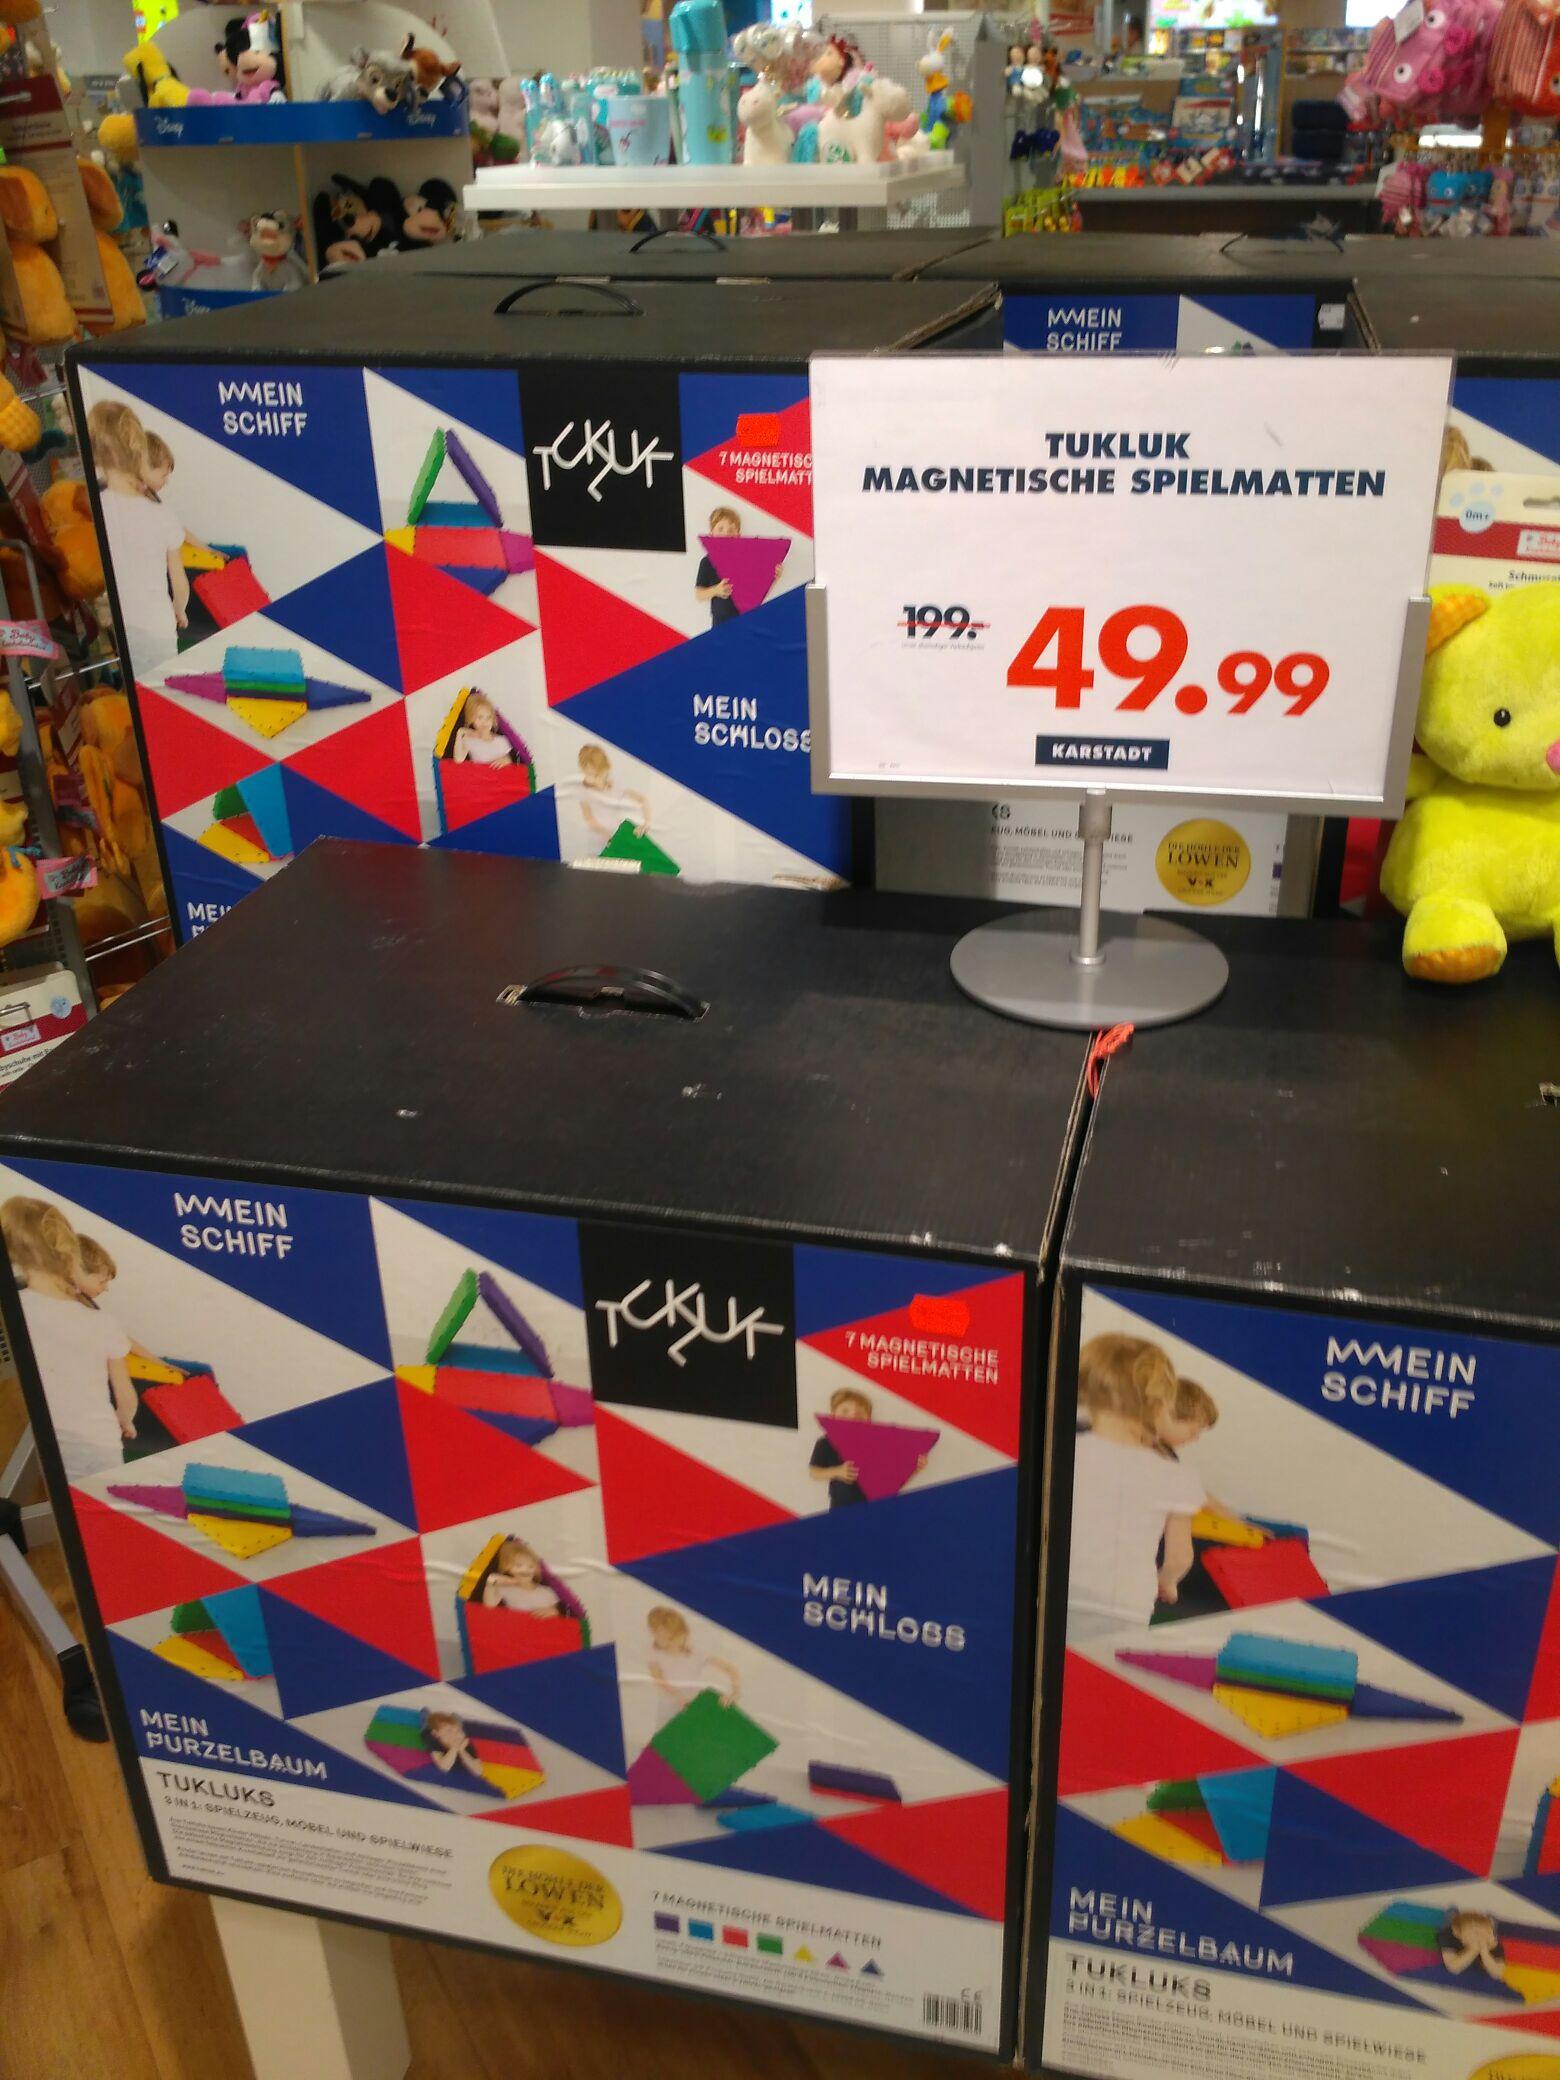 [Bremen] Tukluk Spielmatten Set 7-tlg bei Karstadt für 49,99 €